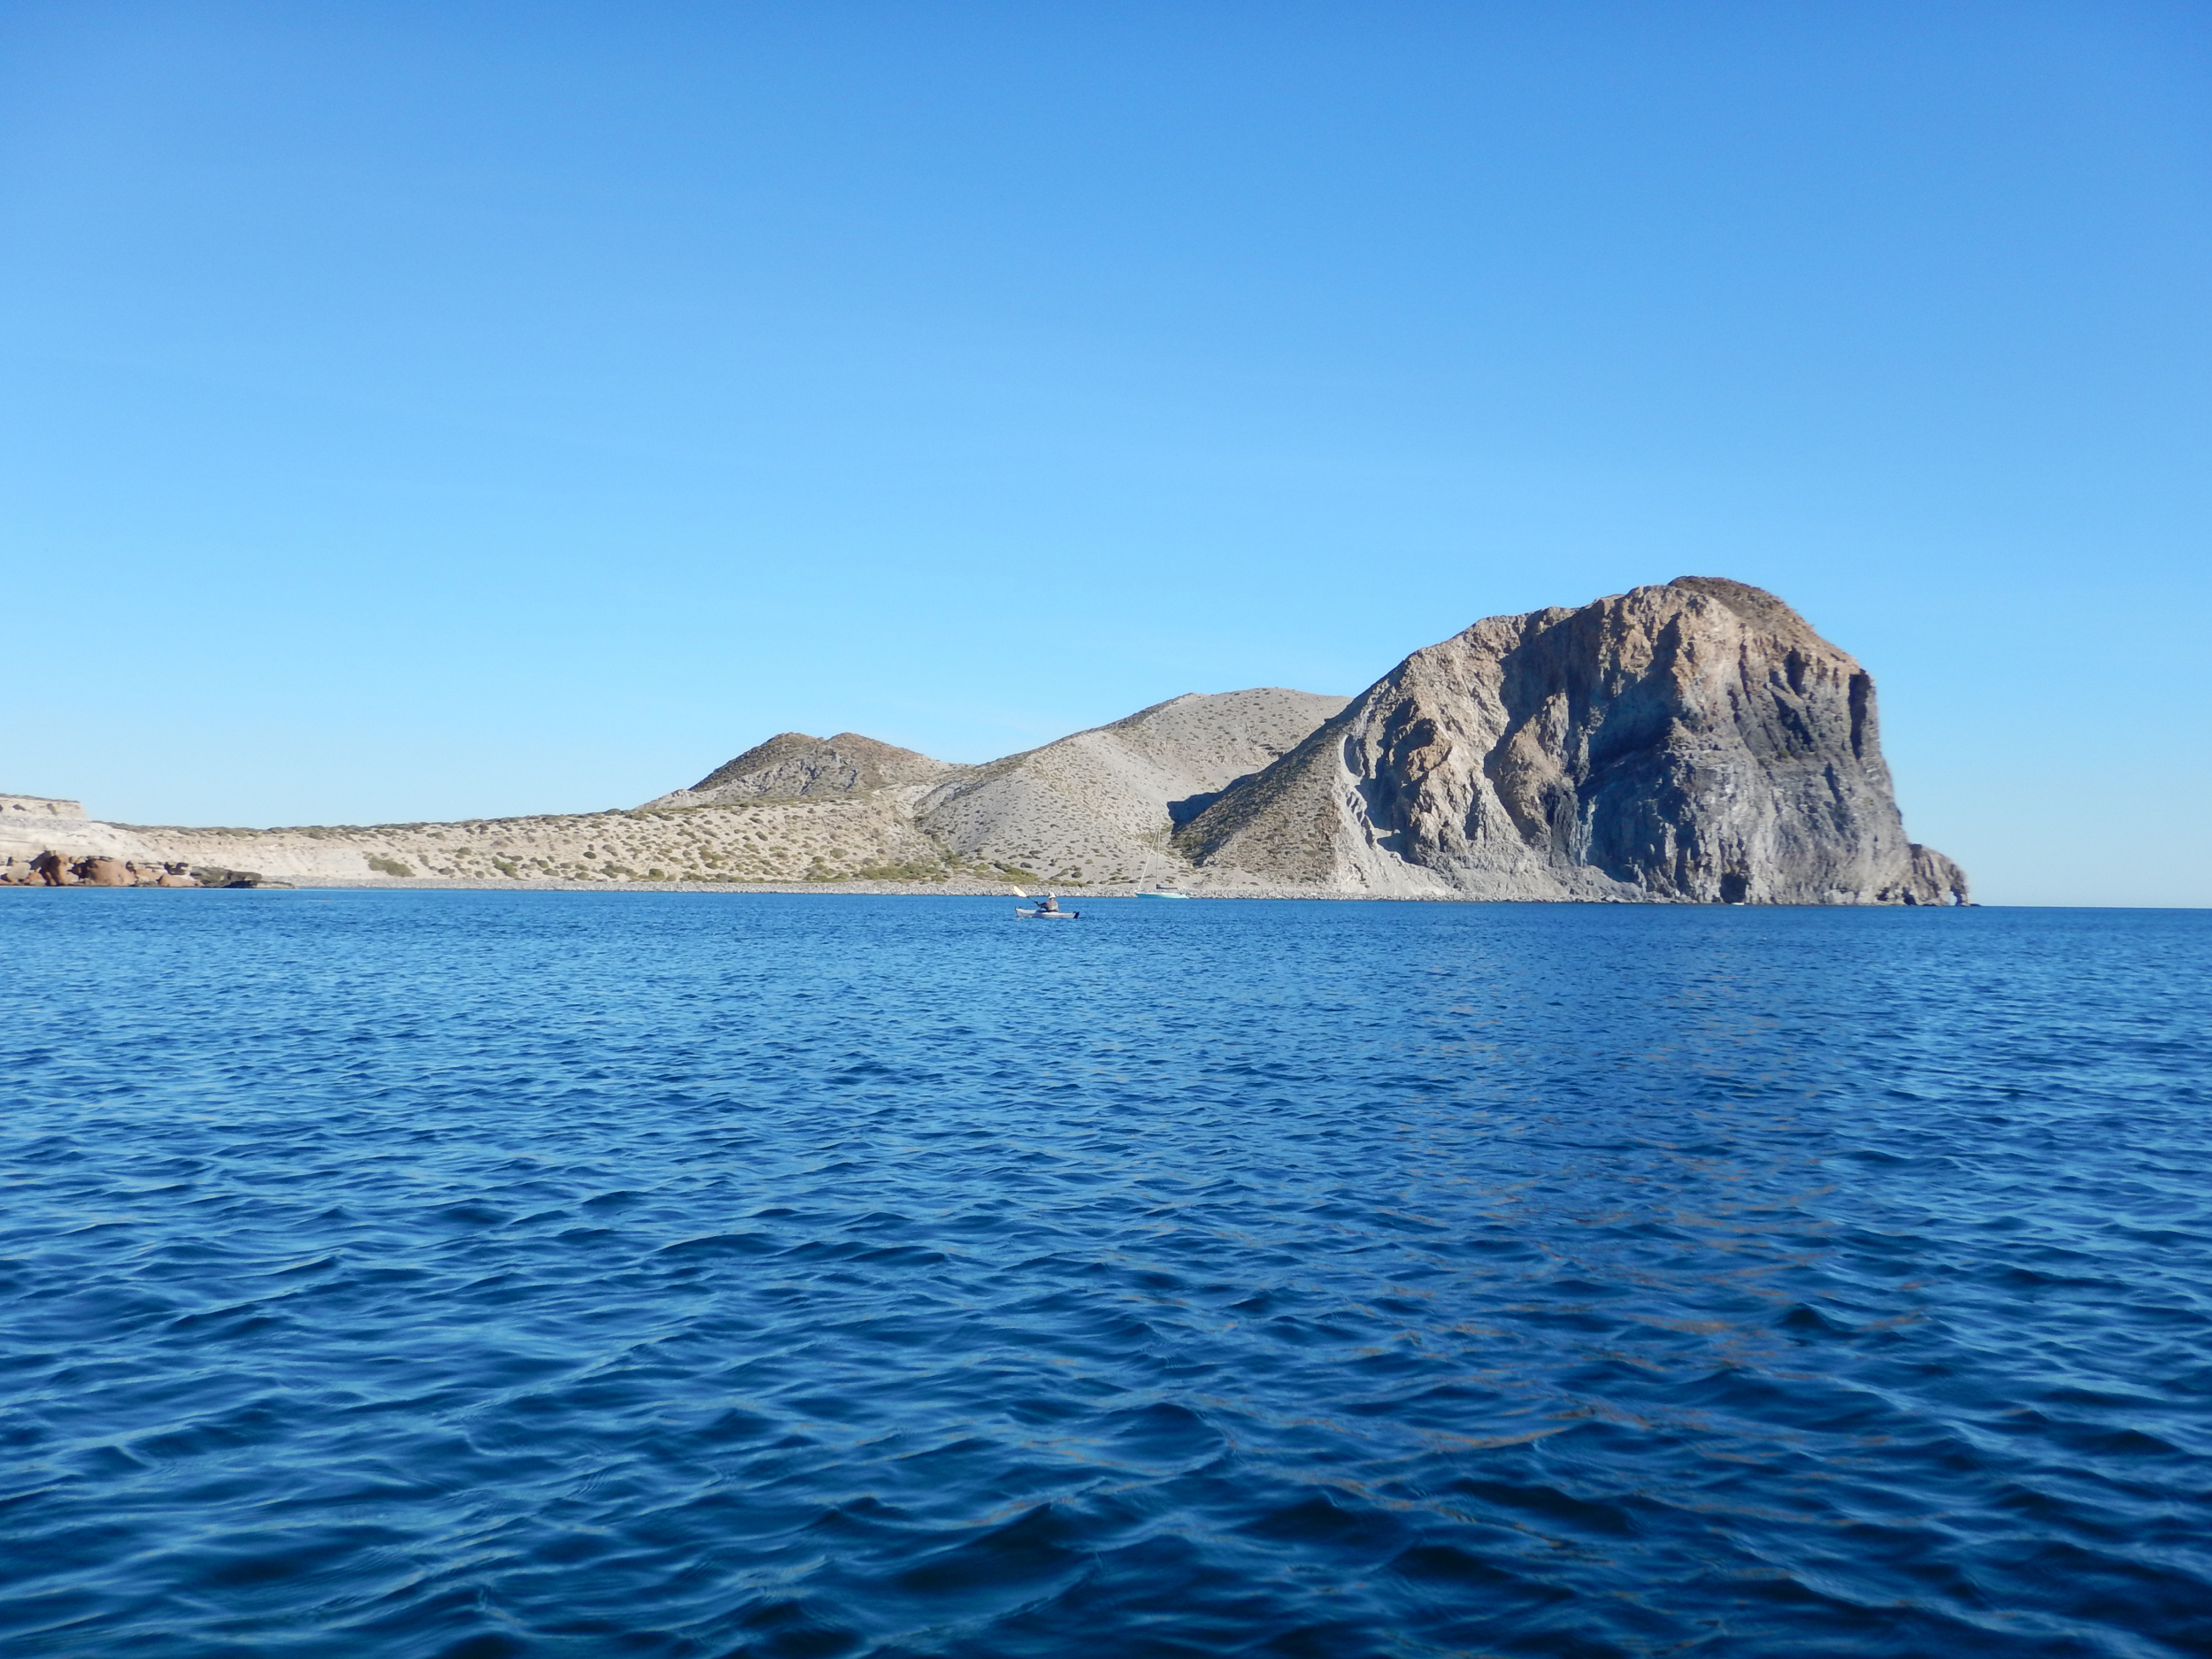 16. Punta Pulpito